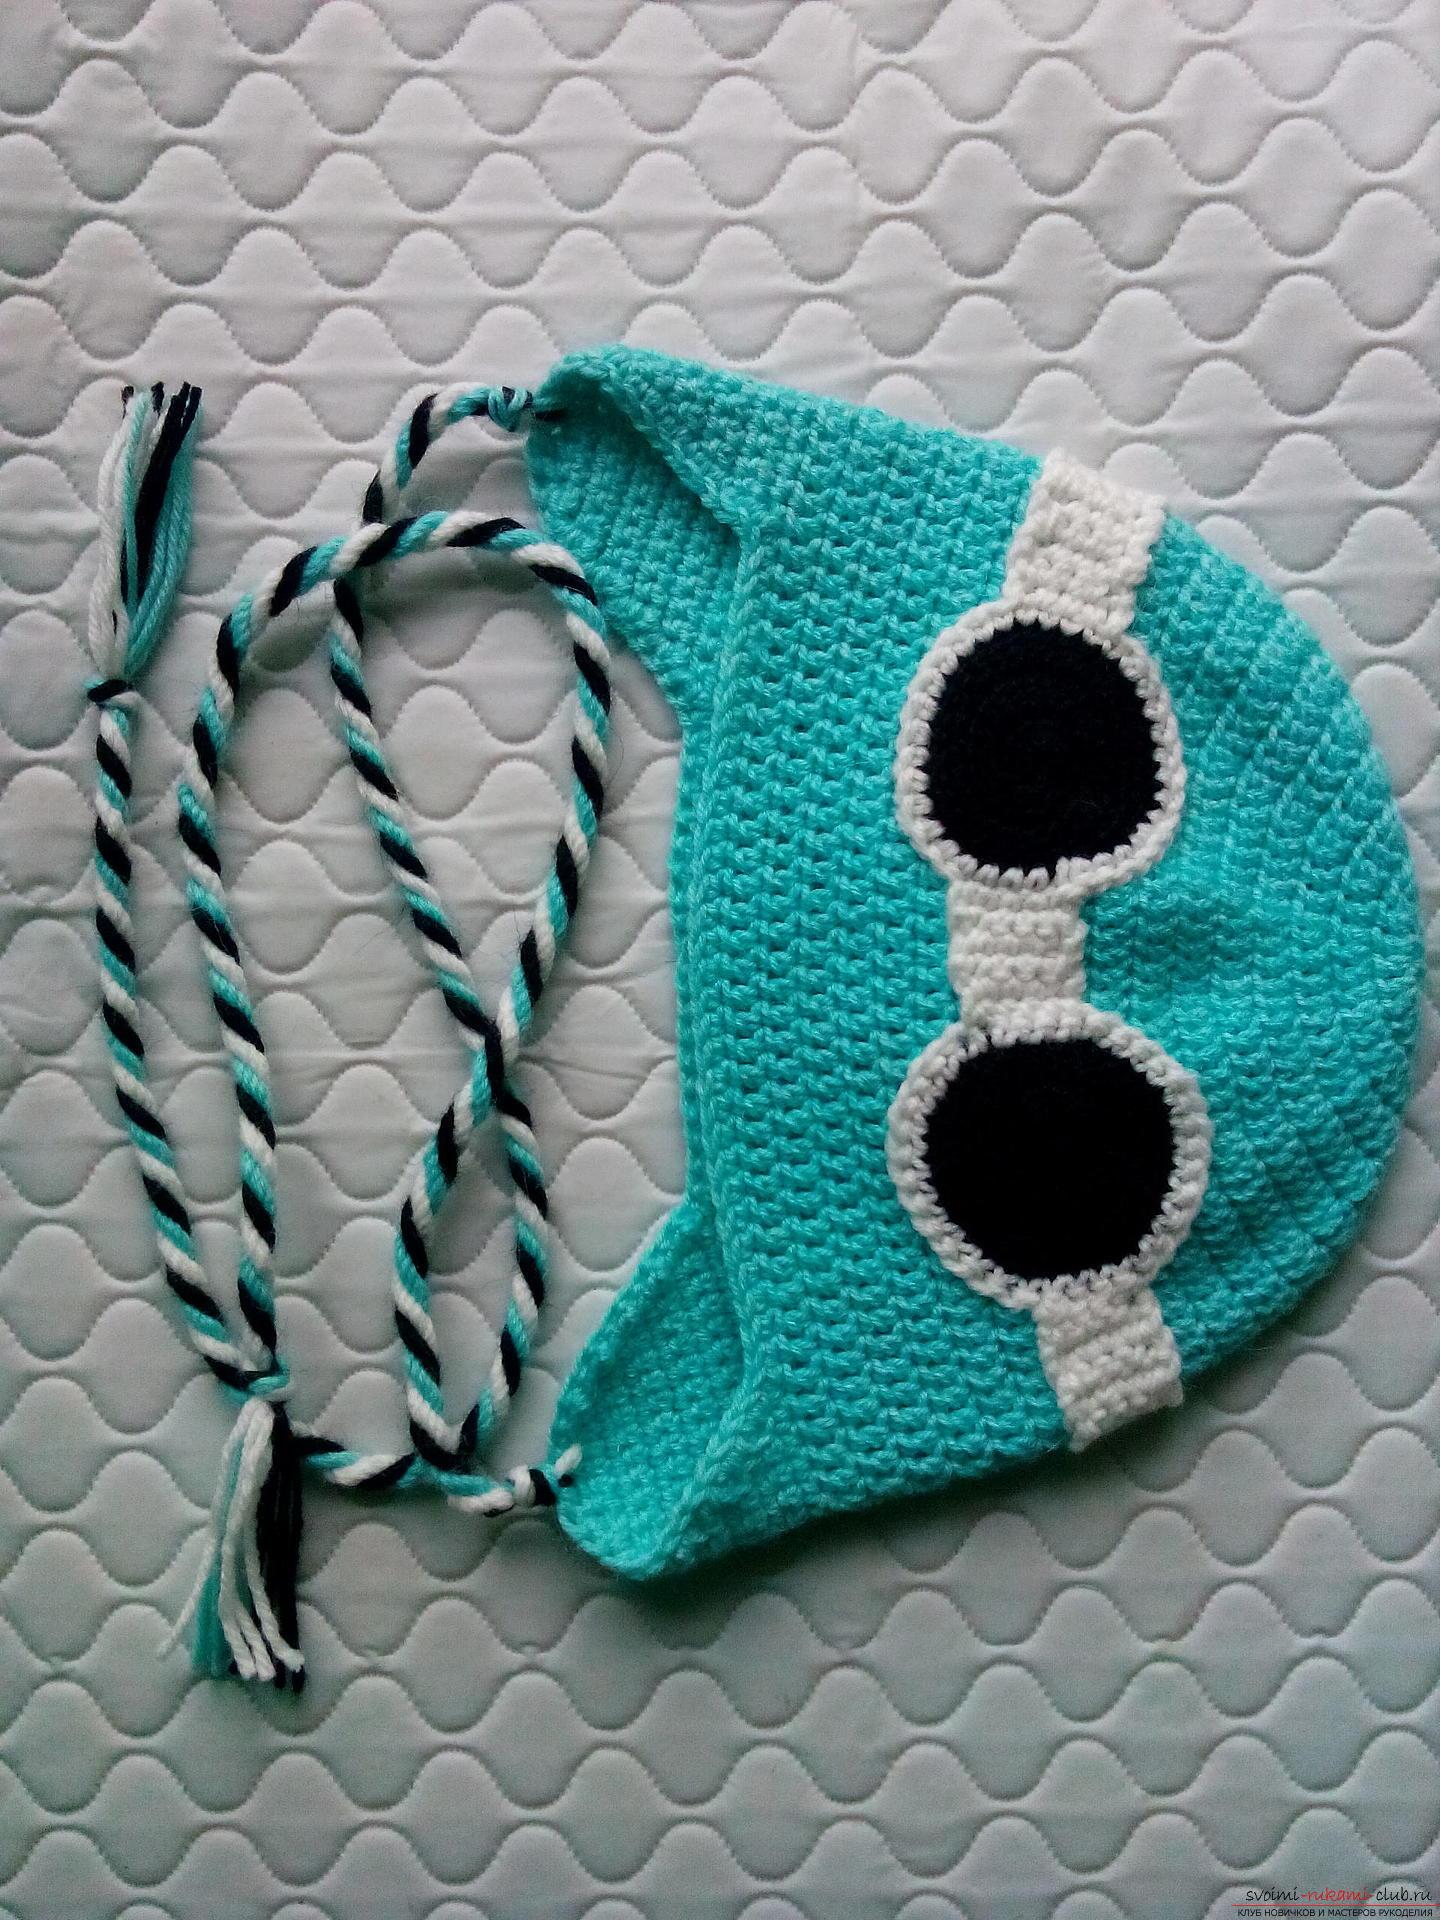 Пошаговое описание и фото вязания крючком комплекта для мальчика из шапочки и шарфа. Фото №14